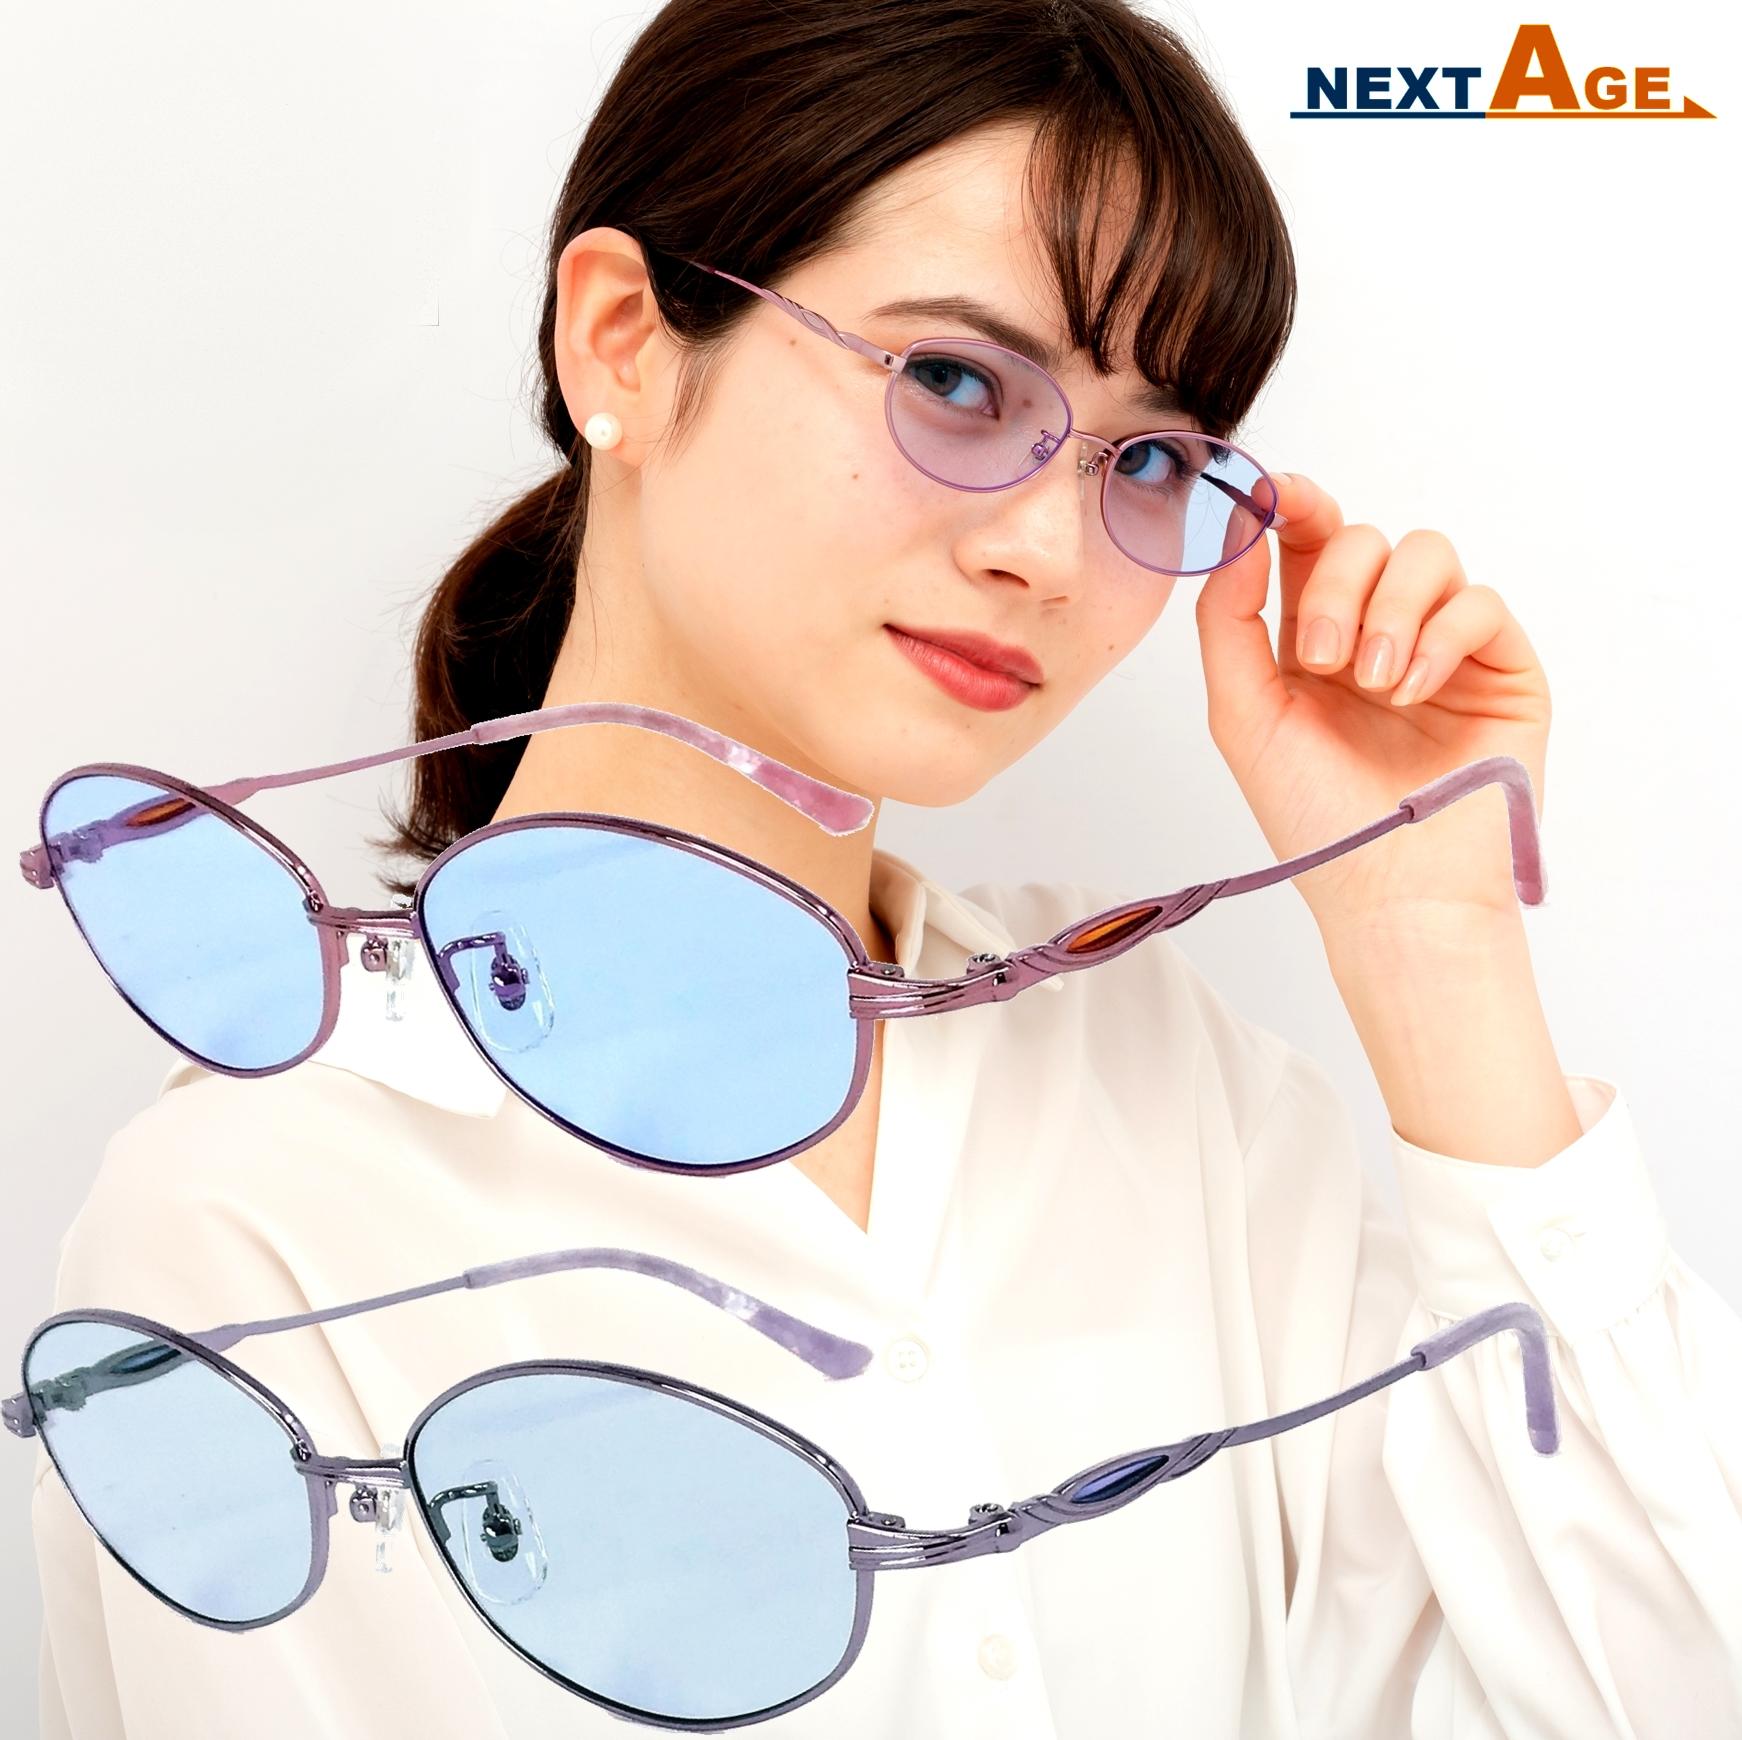 眩しさ 改善 白内障 軽減 サングラス度付き 対応可オーバル タイプ まぶしさ 緩和 ネオコントラスト NeoContrast サングラス レディース 贈答 女性 軽量 オーバル ライト 眩しい 白内障予防 術後 頭痛 uvカット 保護メガネ 後 アイケア 防眩 対策 まぶしい おすすめ 売れ筋 予防 眼鏡 紫外線 眼精疲労 uvケア 手術 術